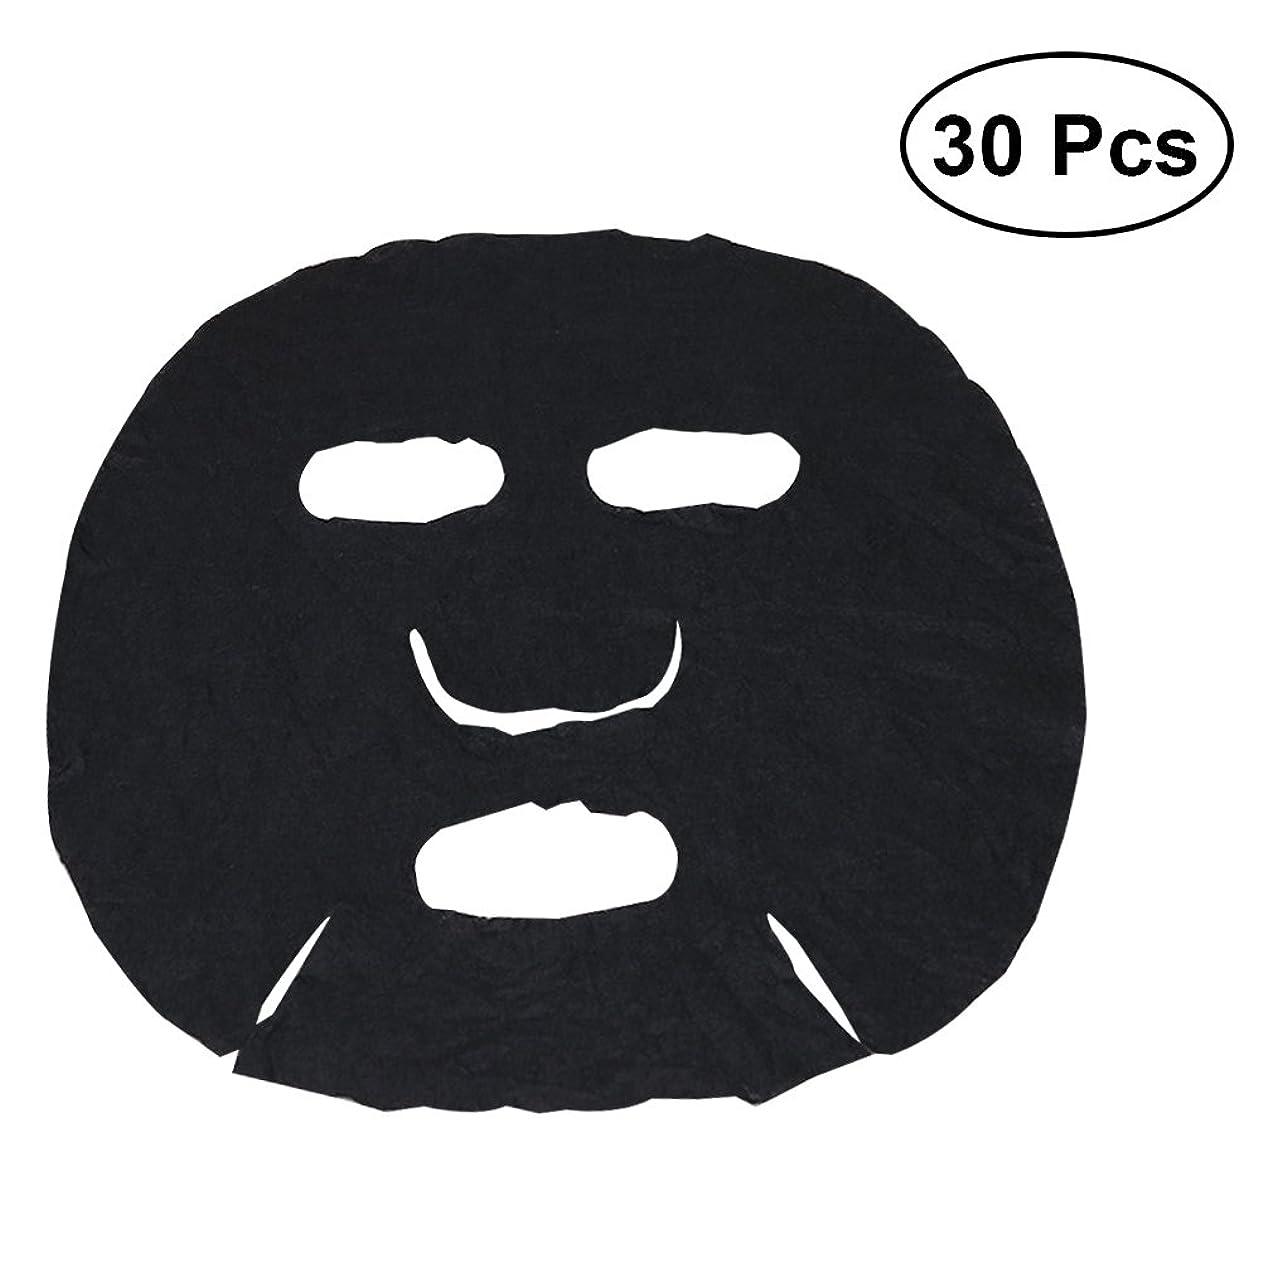 人工的なスノーケル美徳Frcolor 圧縮マスク 圧縮フェイスパック 竹炭 圧縮マスクシート スキンケア DIY 30枚入り 携帯便利 使い捨て